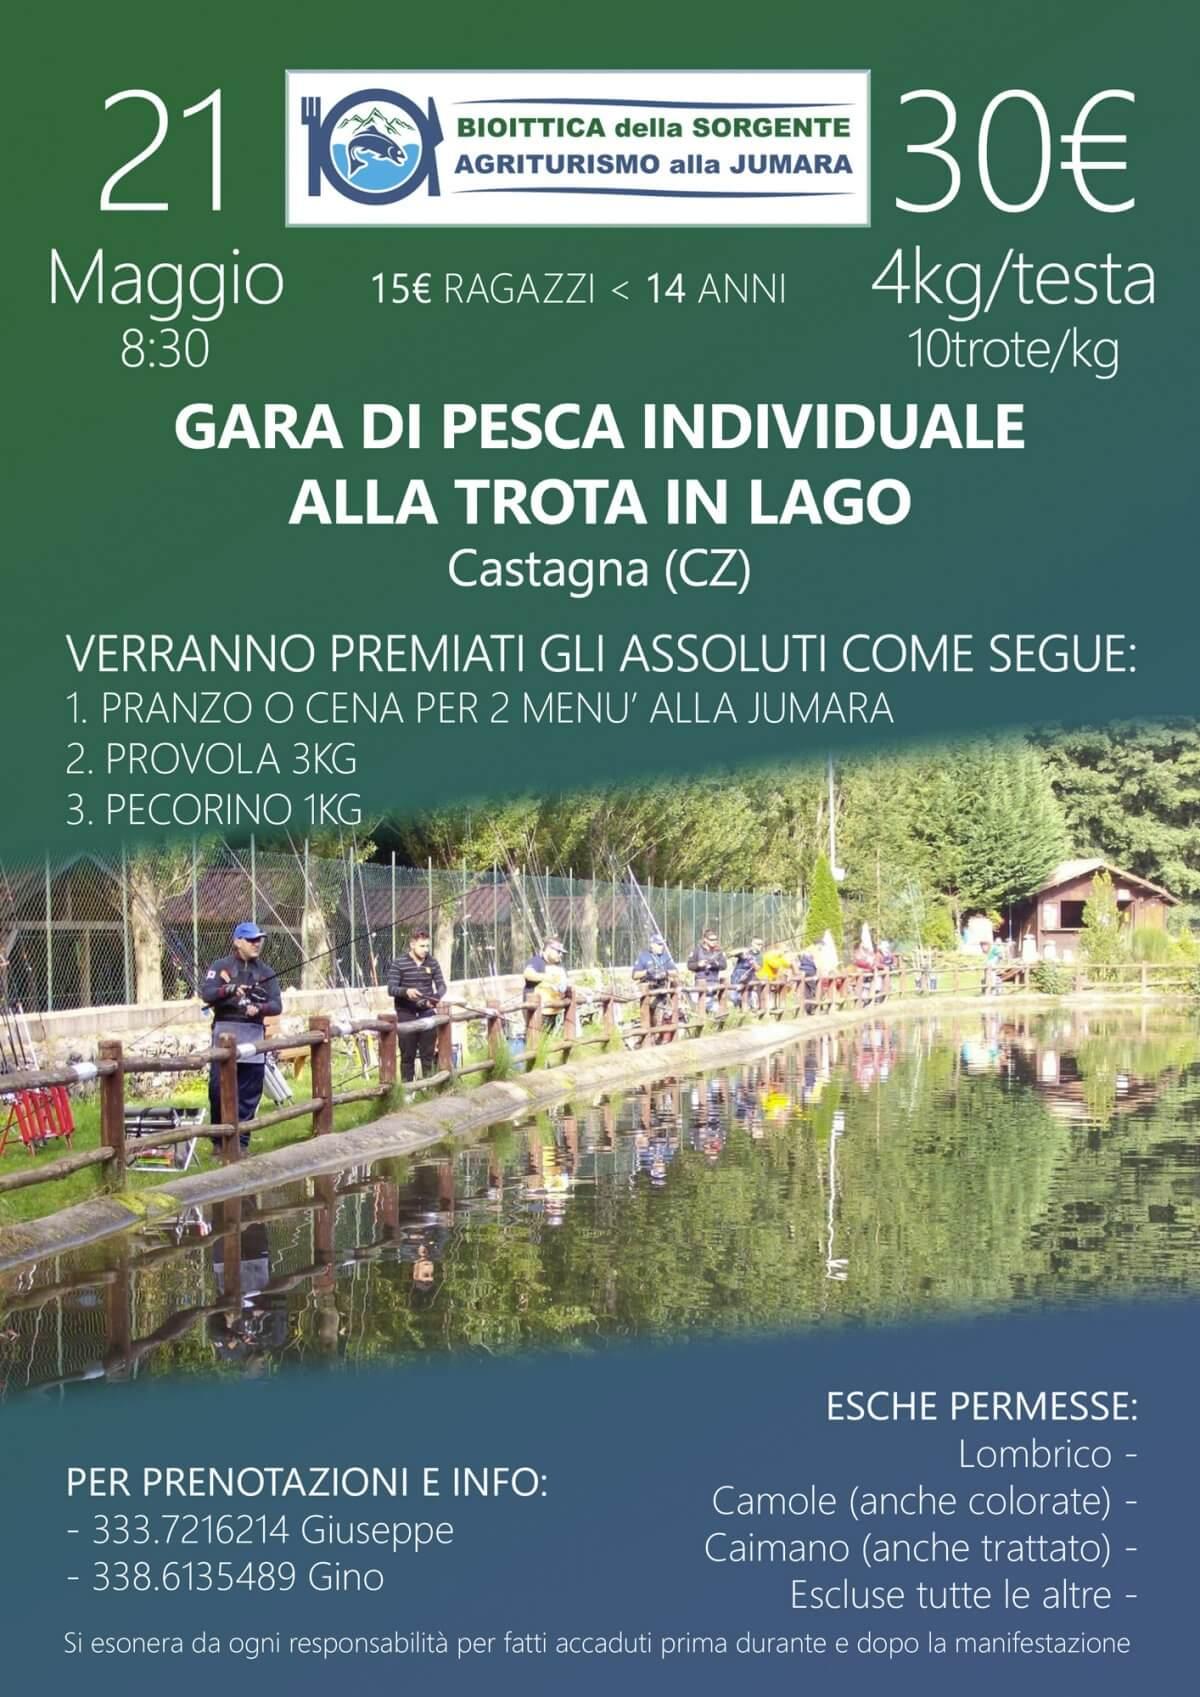 Gara individuale di pesca alla Trota in Lago – 21 Maggio 2017